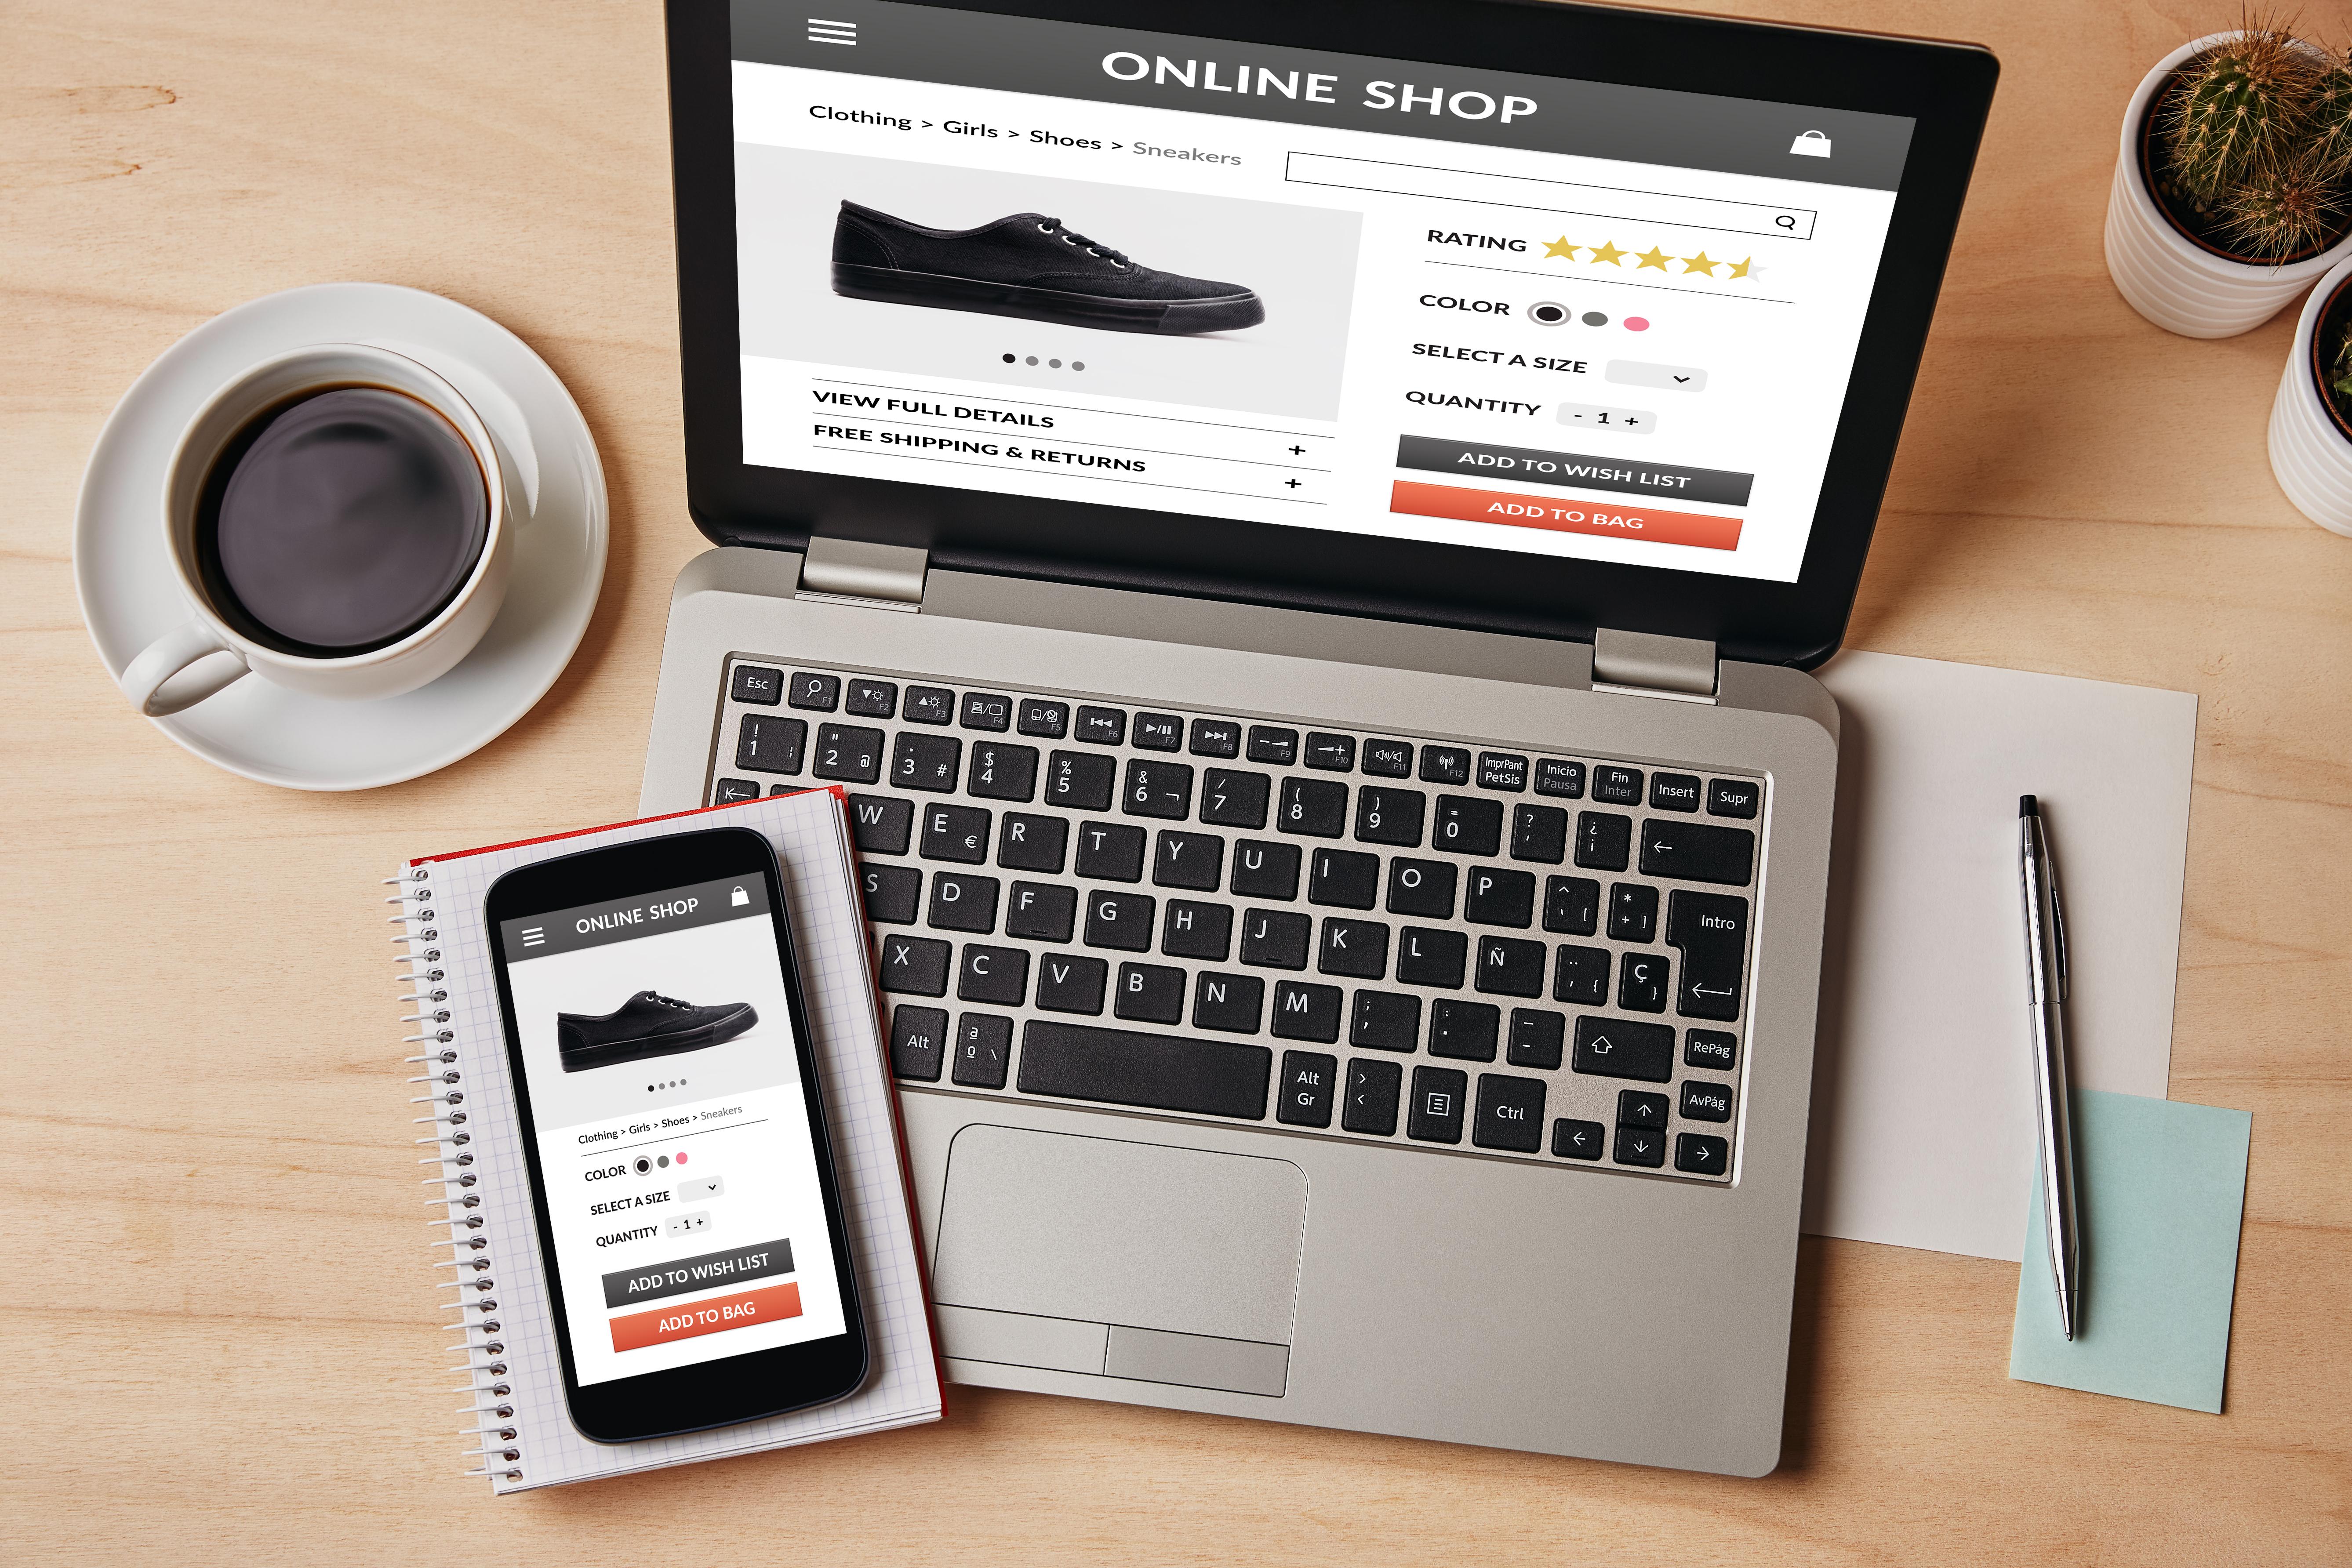 ecommerce marketing computer image